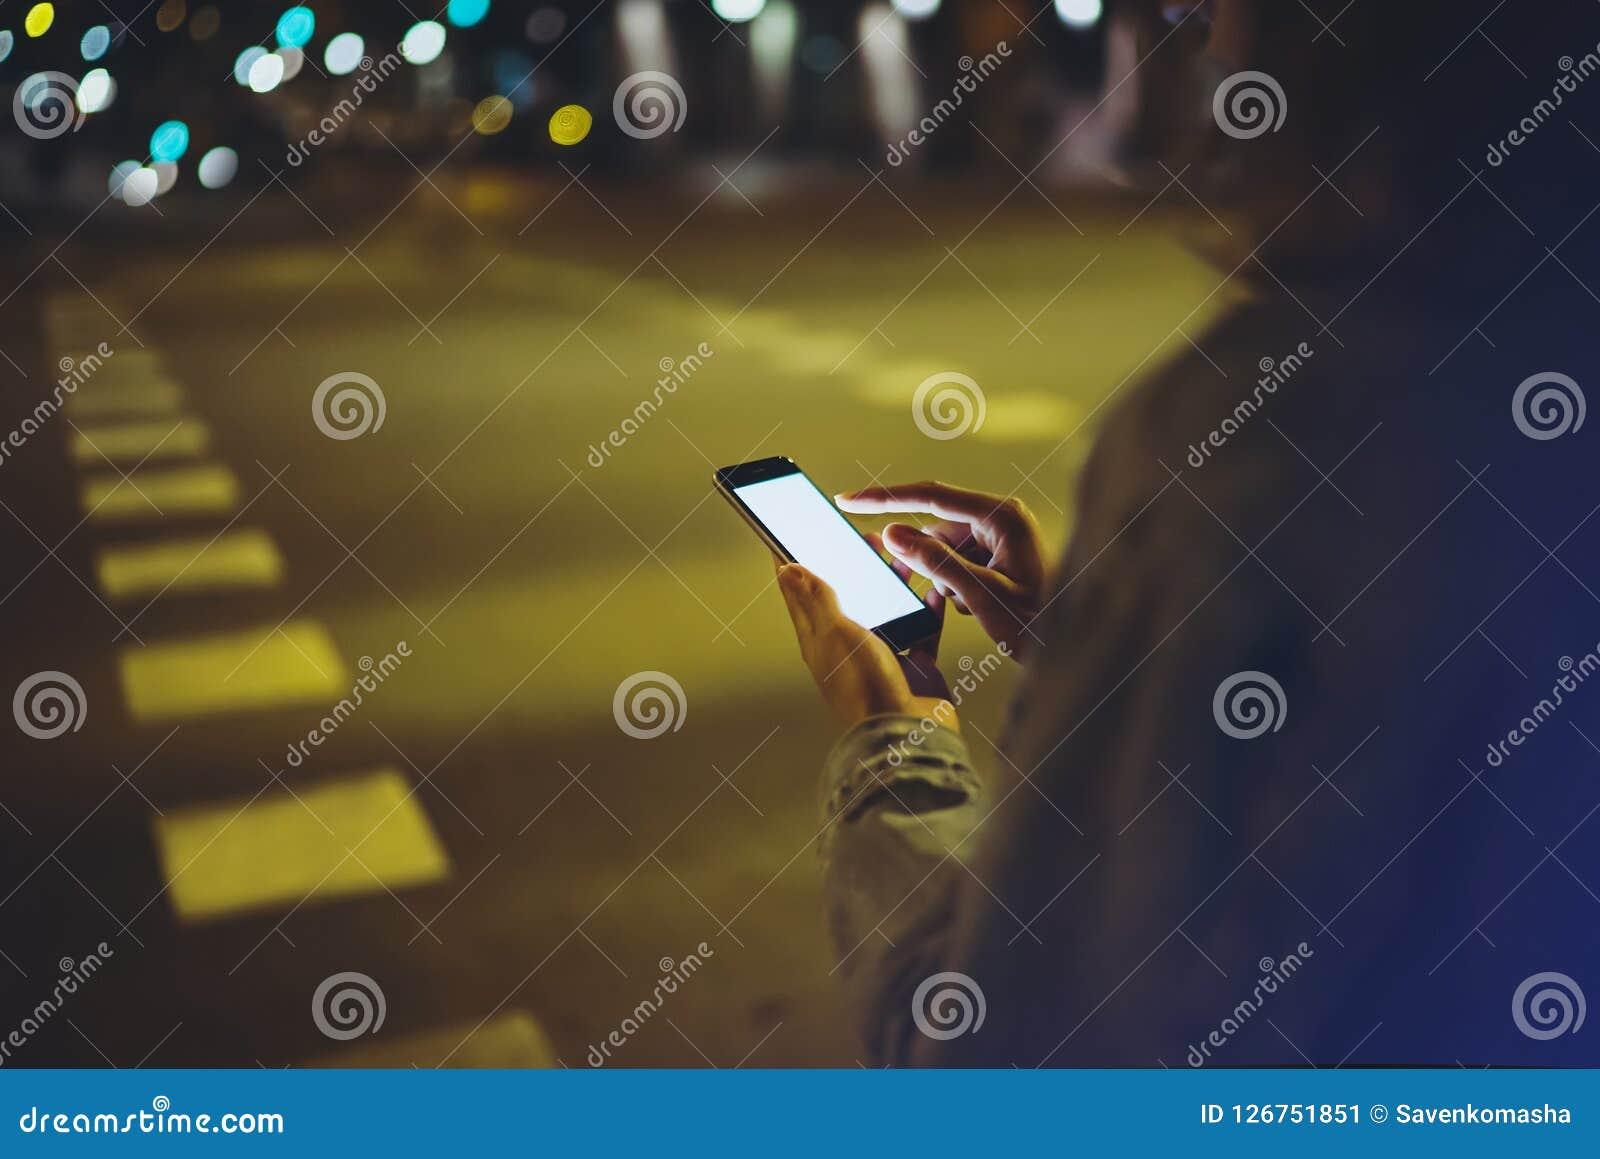 指向在屏幕智能手机的女孩手指在背景照明焕发bokeh光在夜大气城市,行家使用